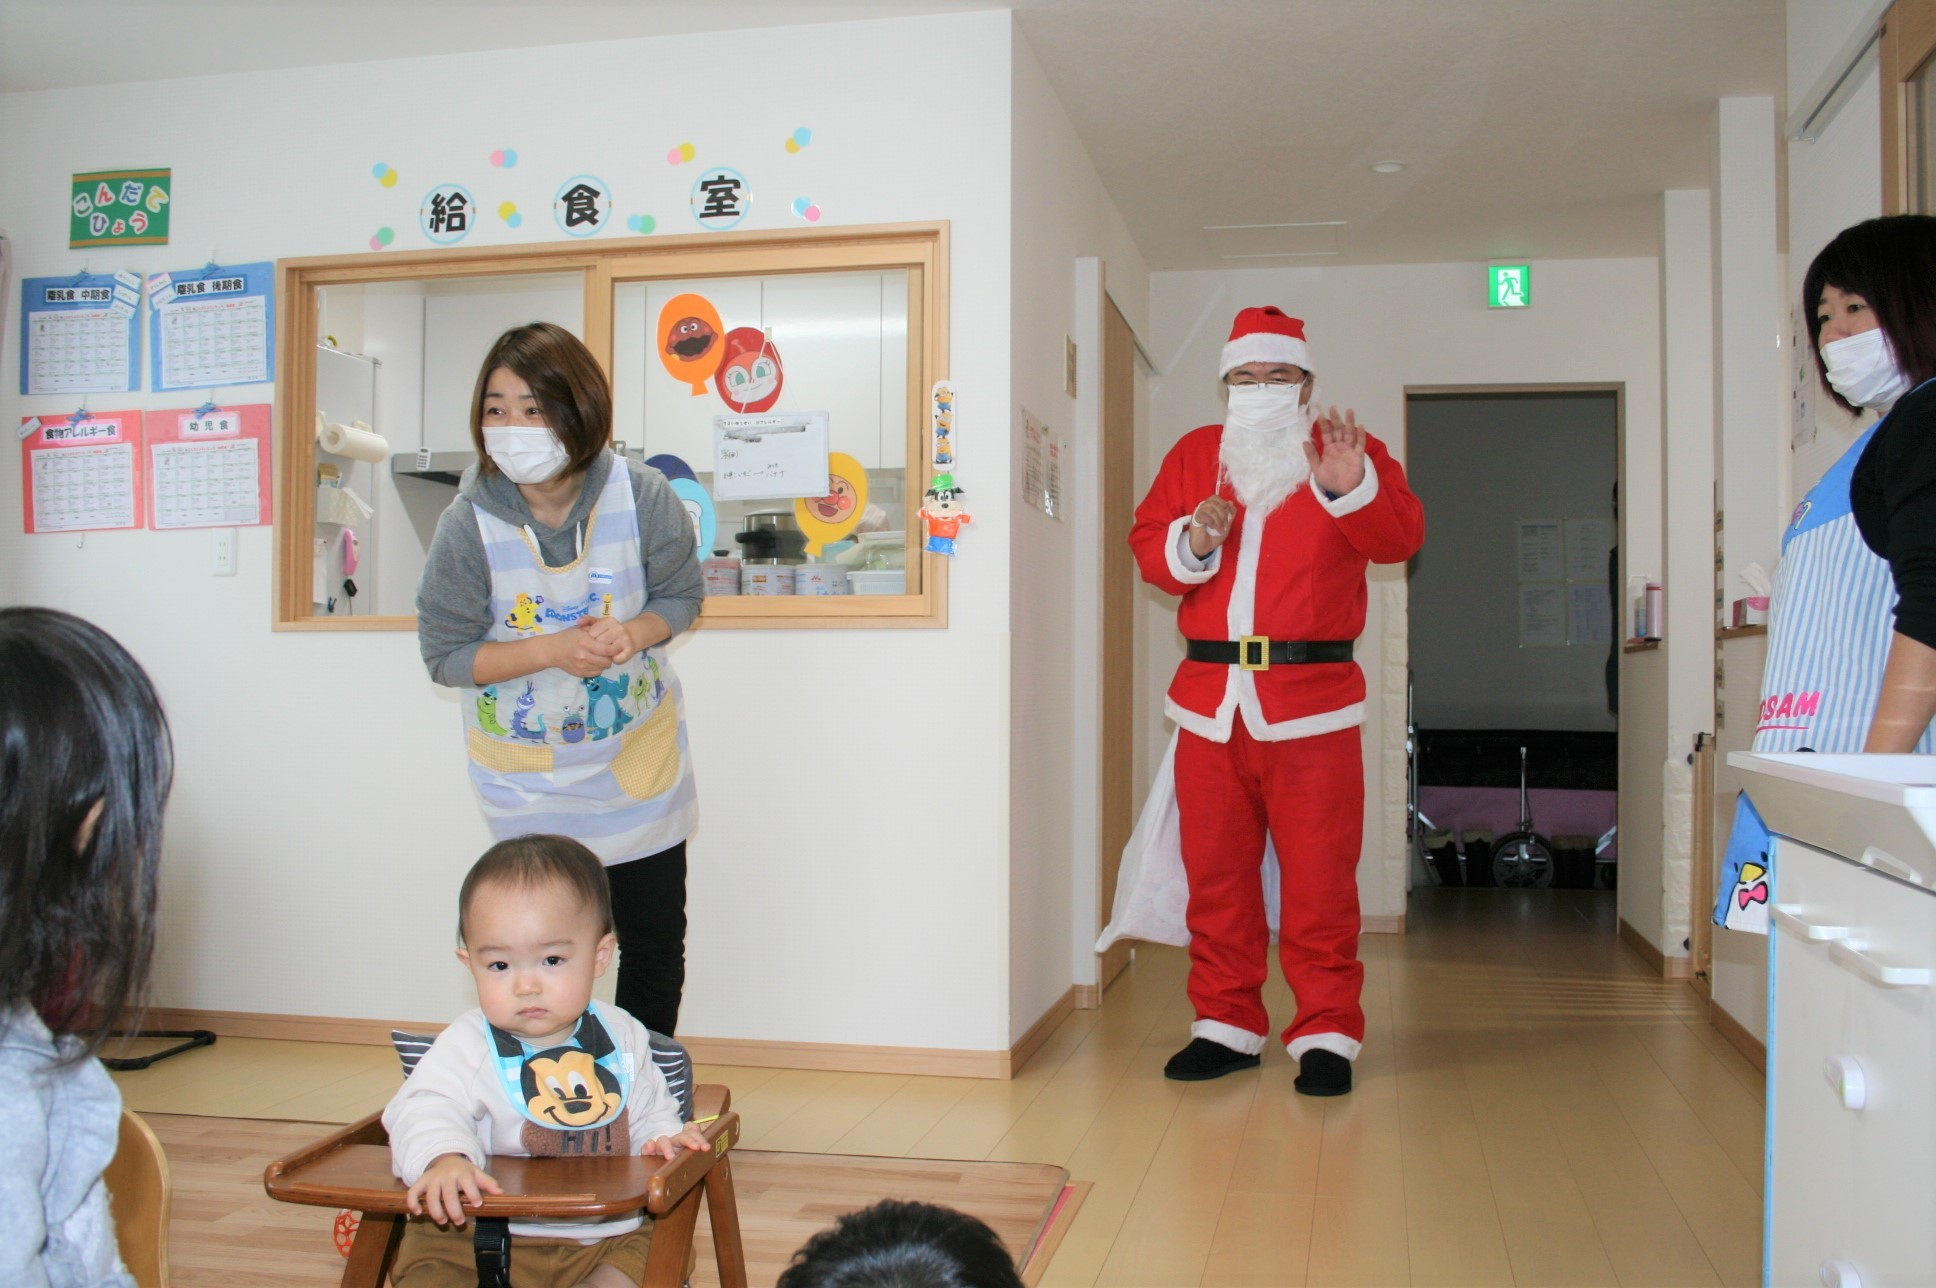 よこて卸町園『クリスマス会』を開催しました。 _f0141477_09461983.jpg